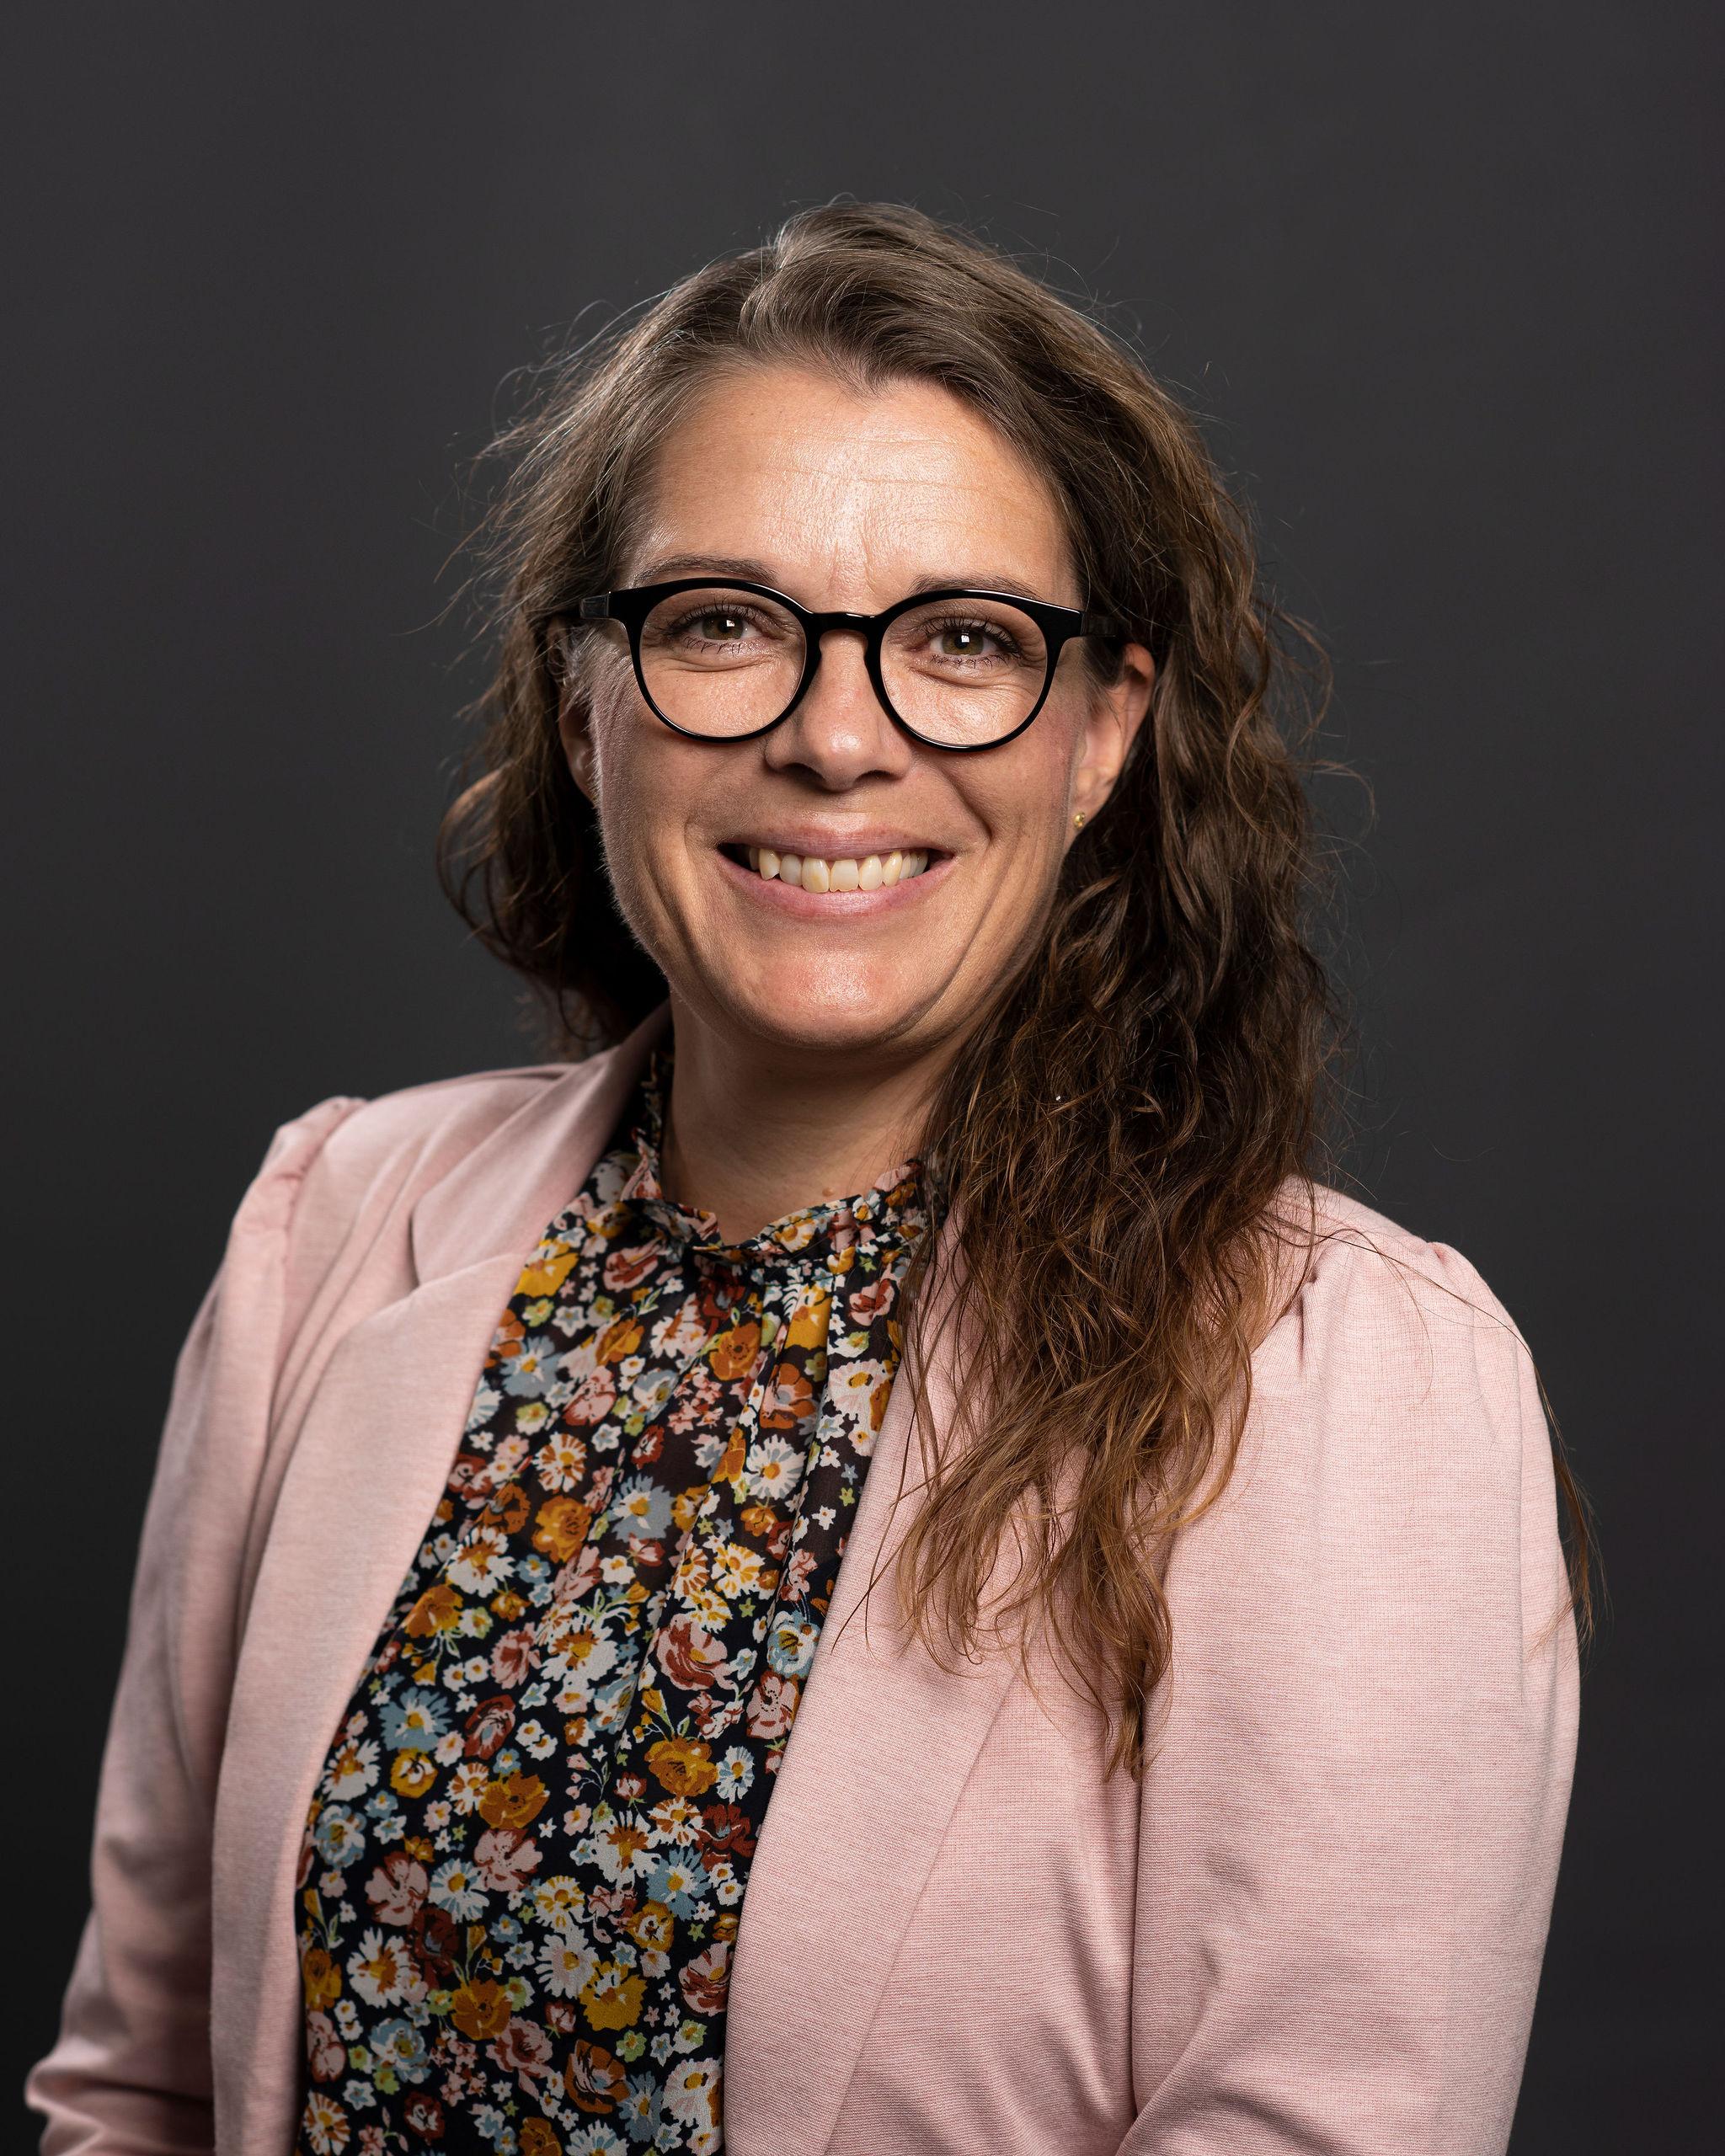 Maria Jakobsen